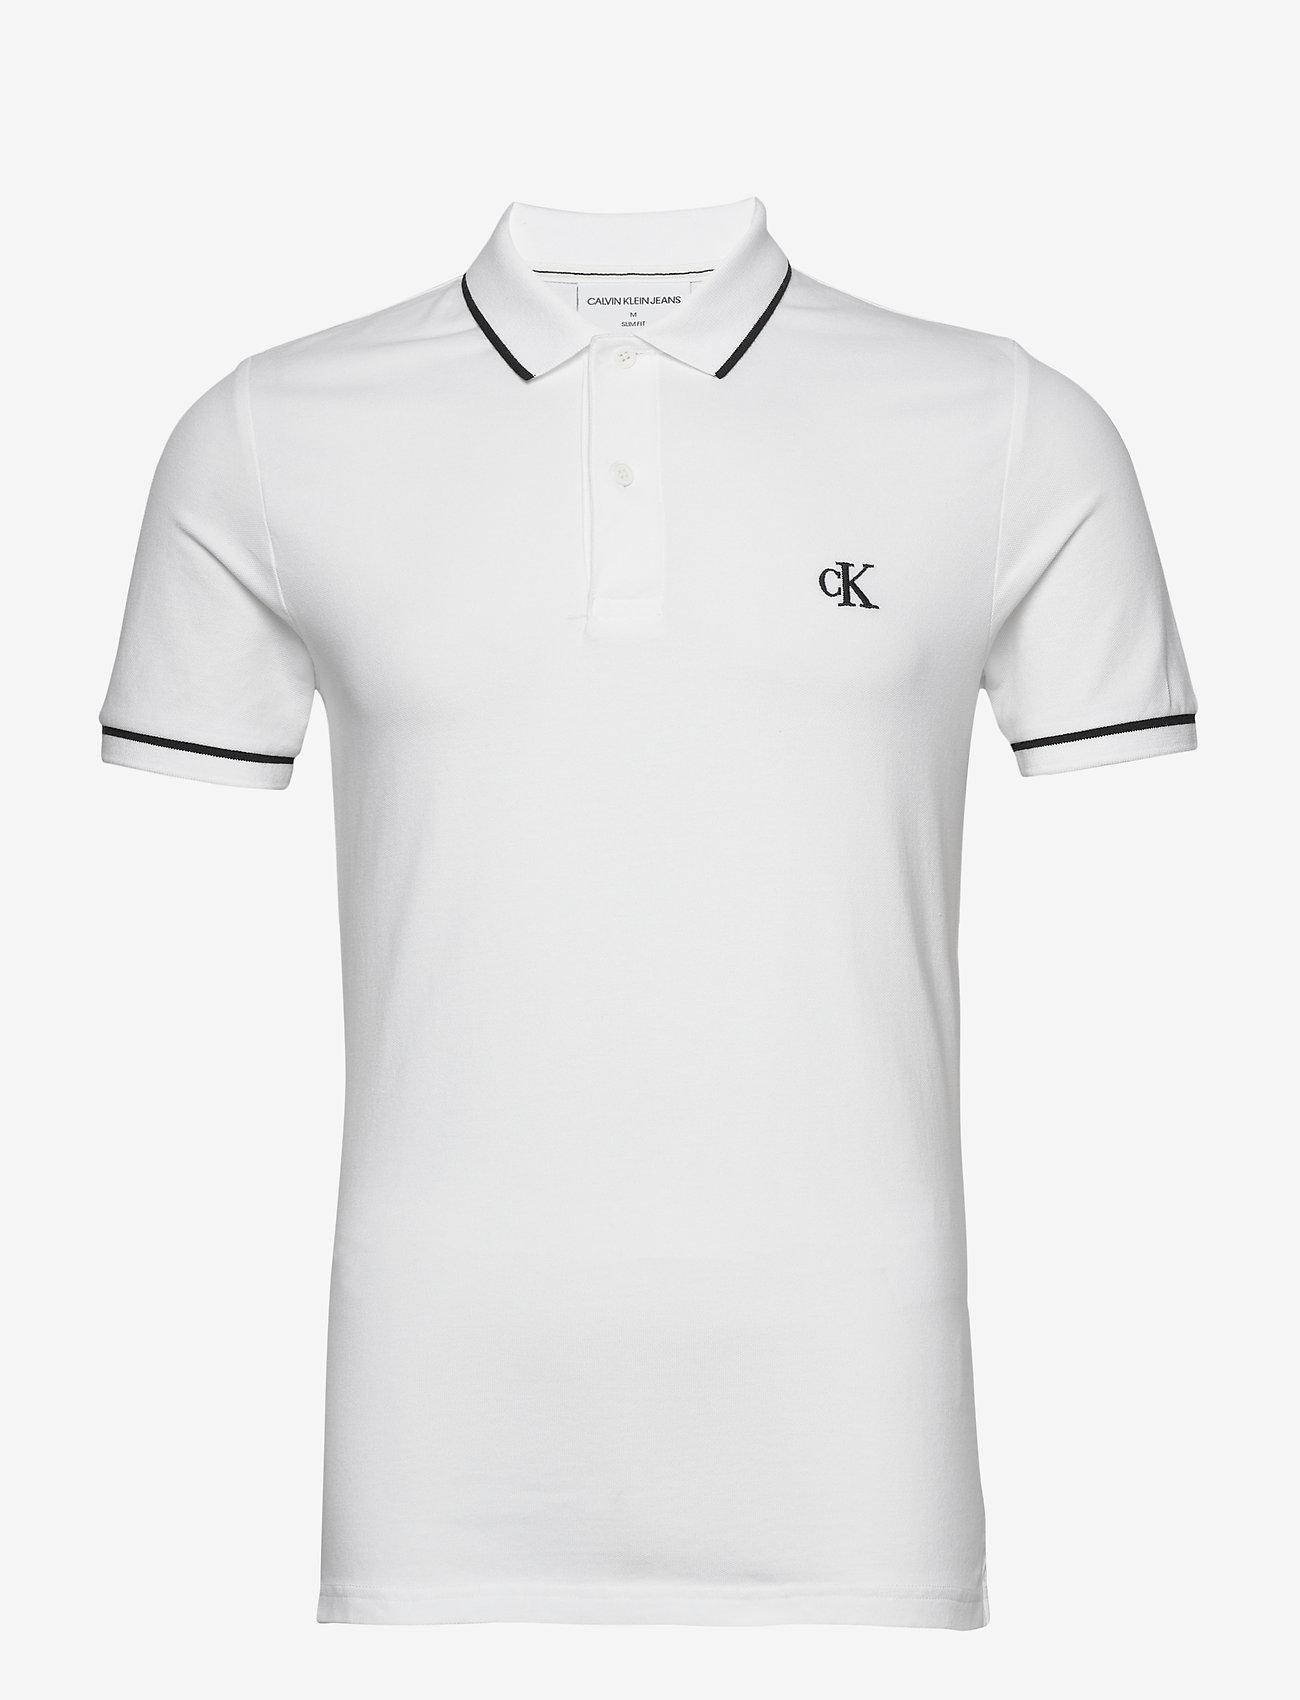 Calvin Klein Jeans - TIPPING SLIM POLO - korte mouwen - bright white - 0